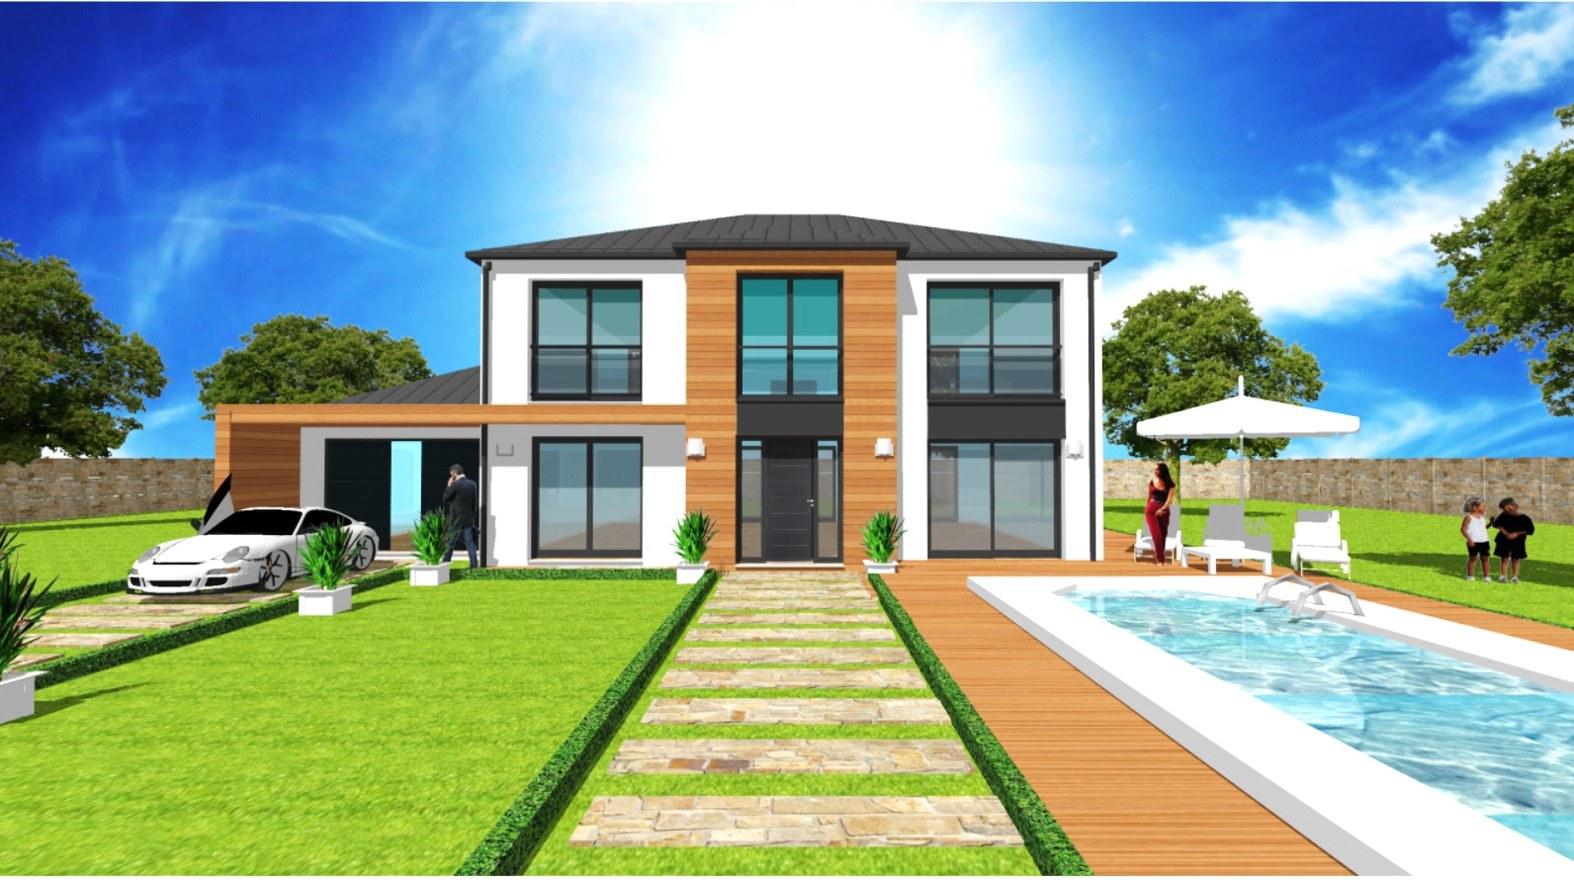 Maisons + Terrains du constructeur REABELLE • 145 m² • JOUARS PONTCHARTRAIN